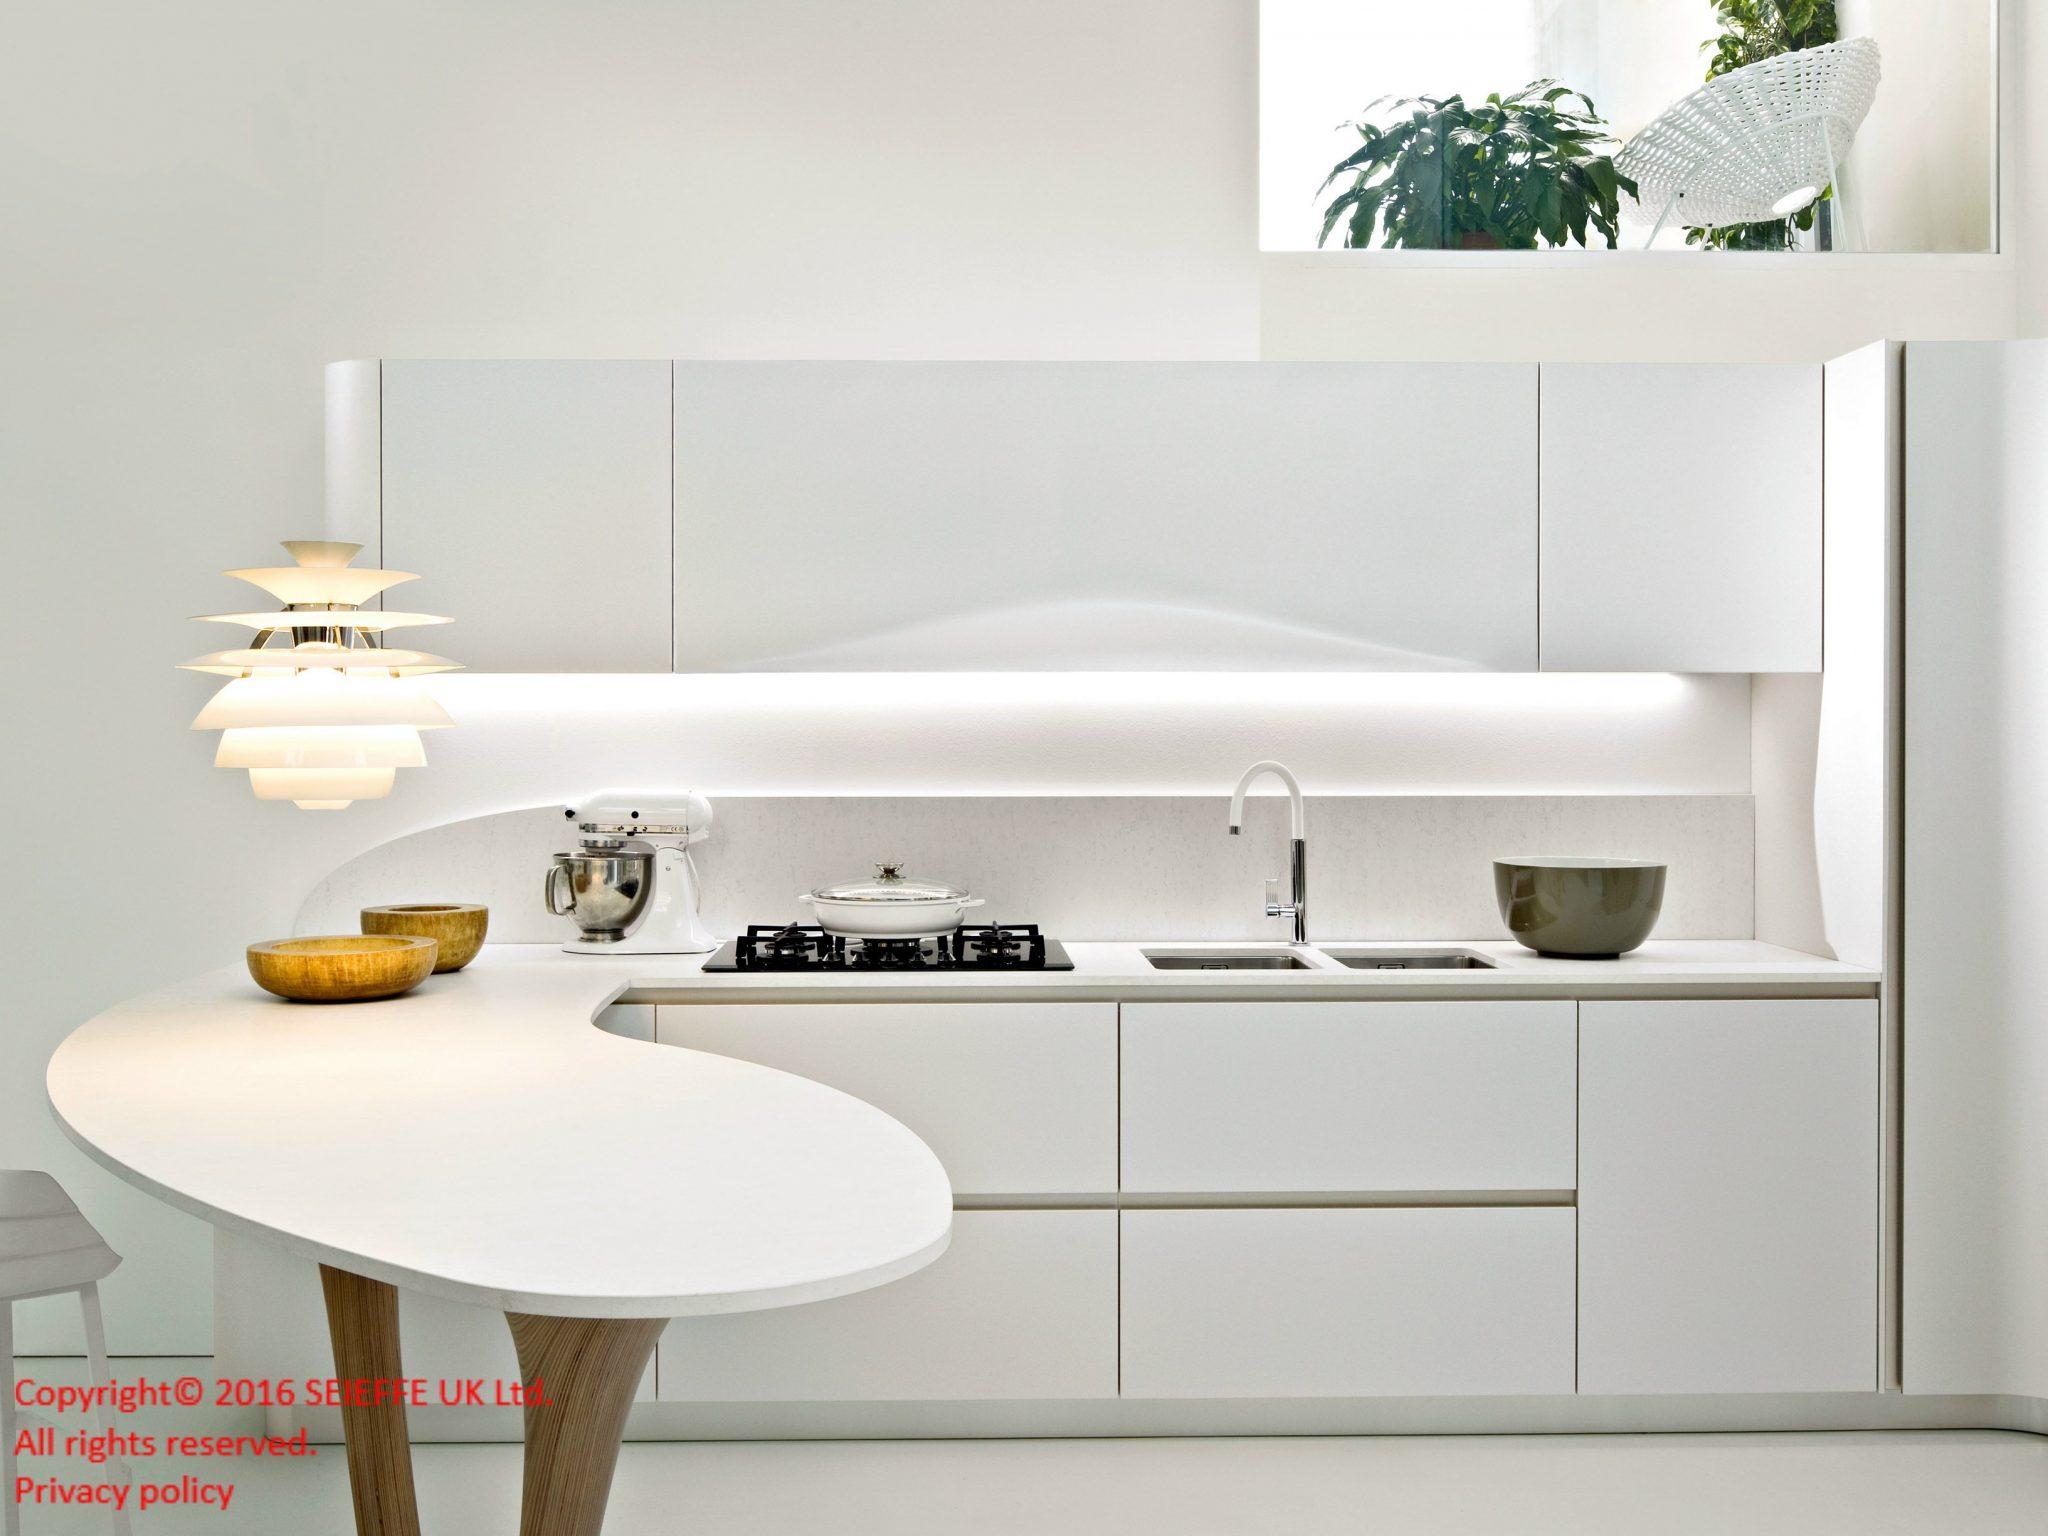 Okite kitchen top Bianco Assoluto 1665